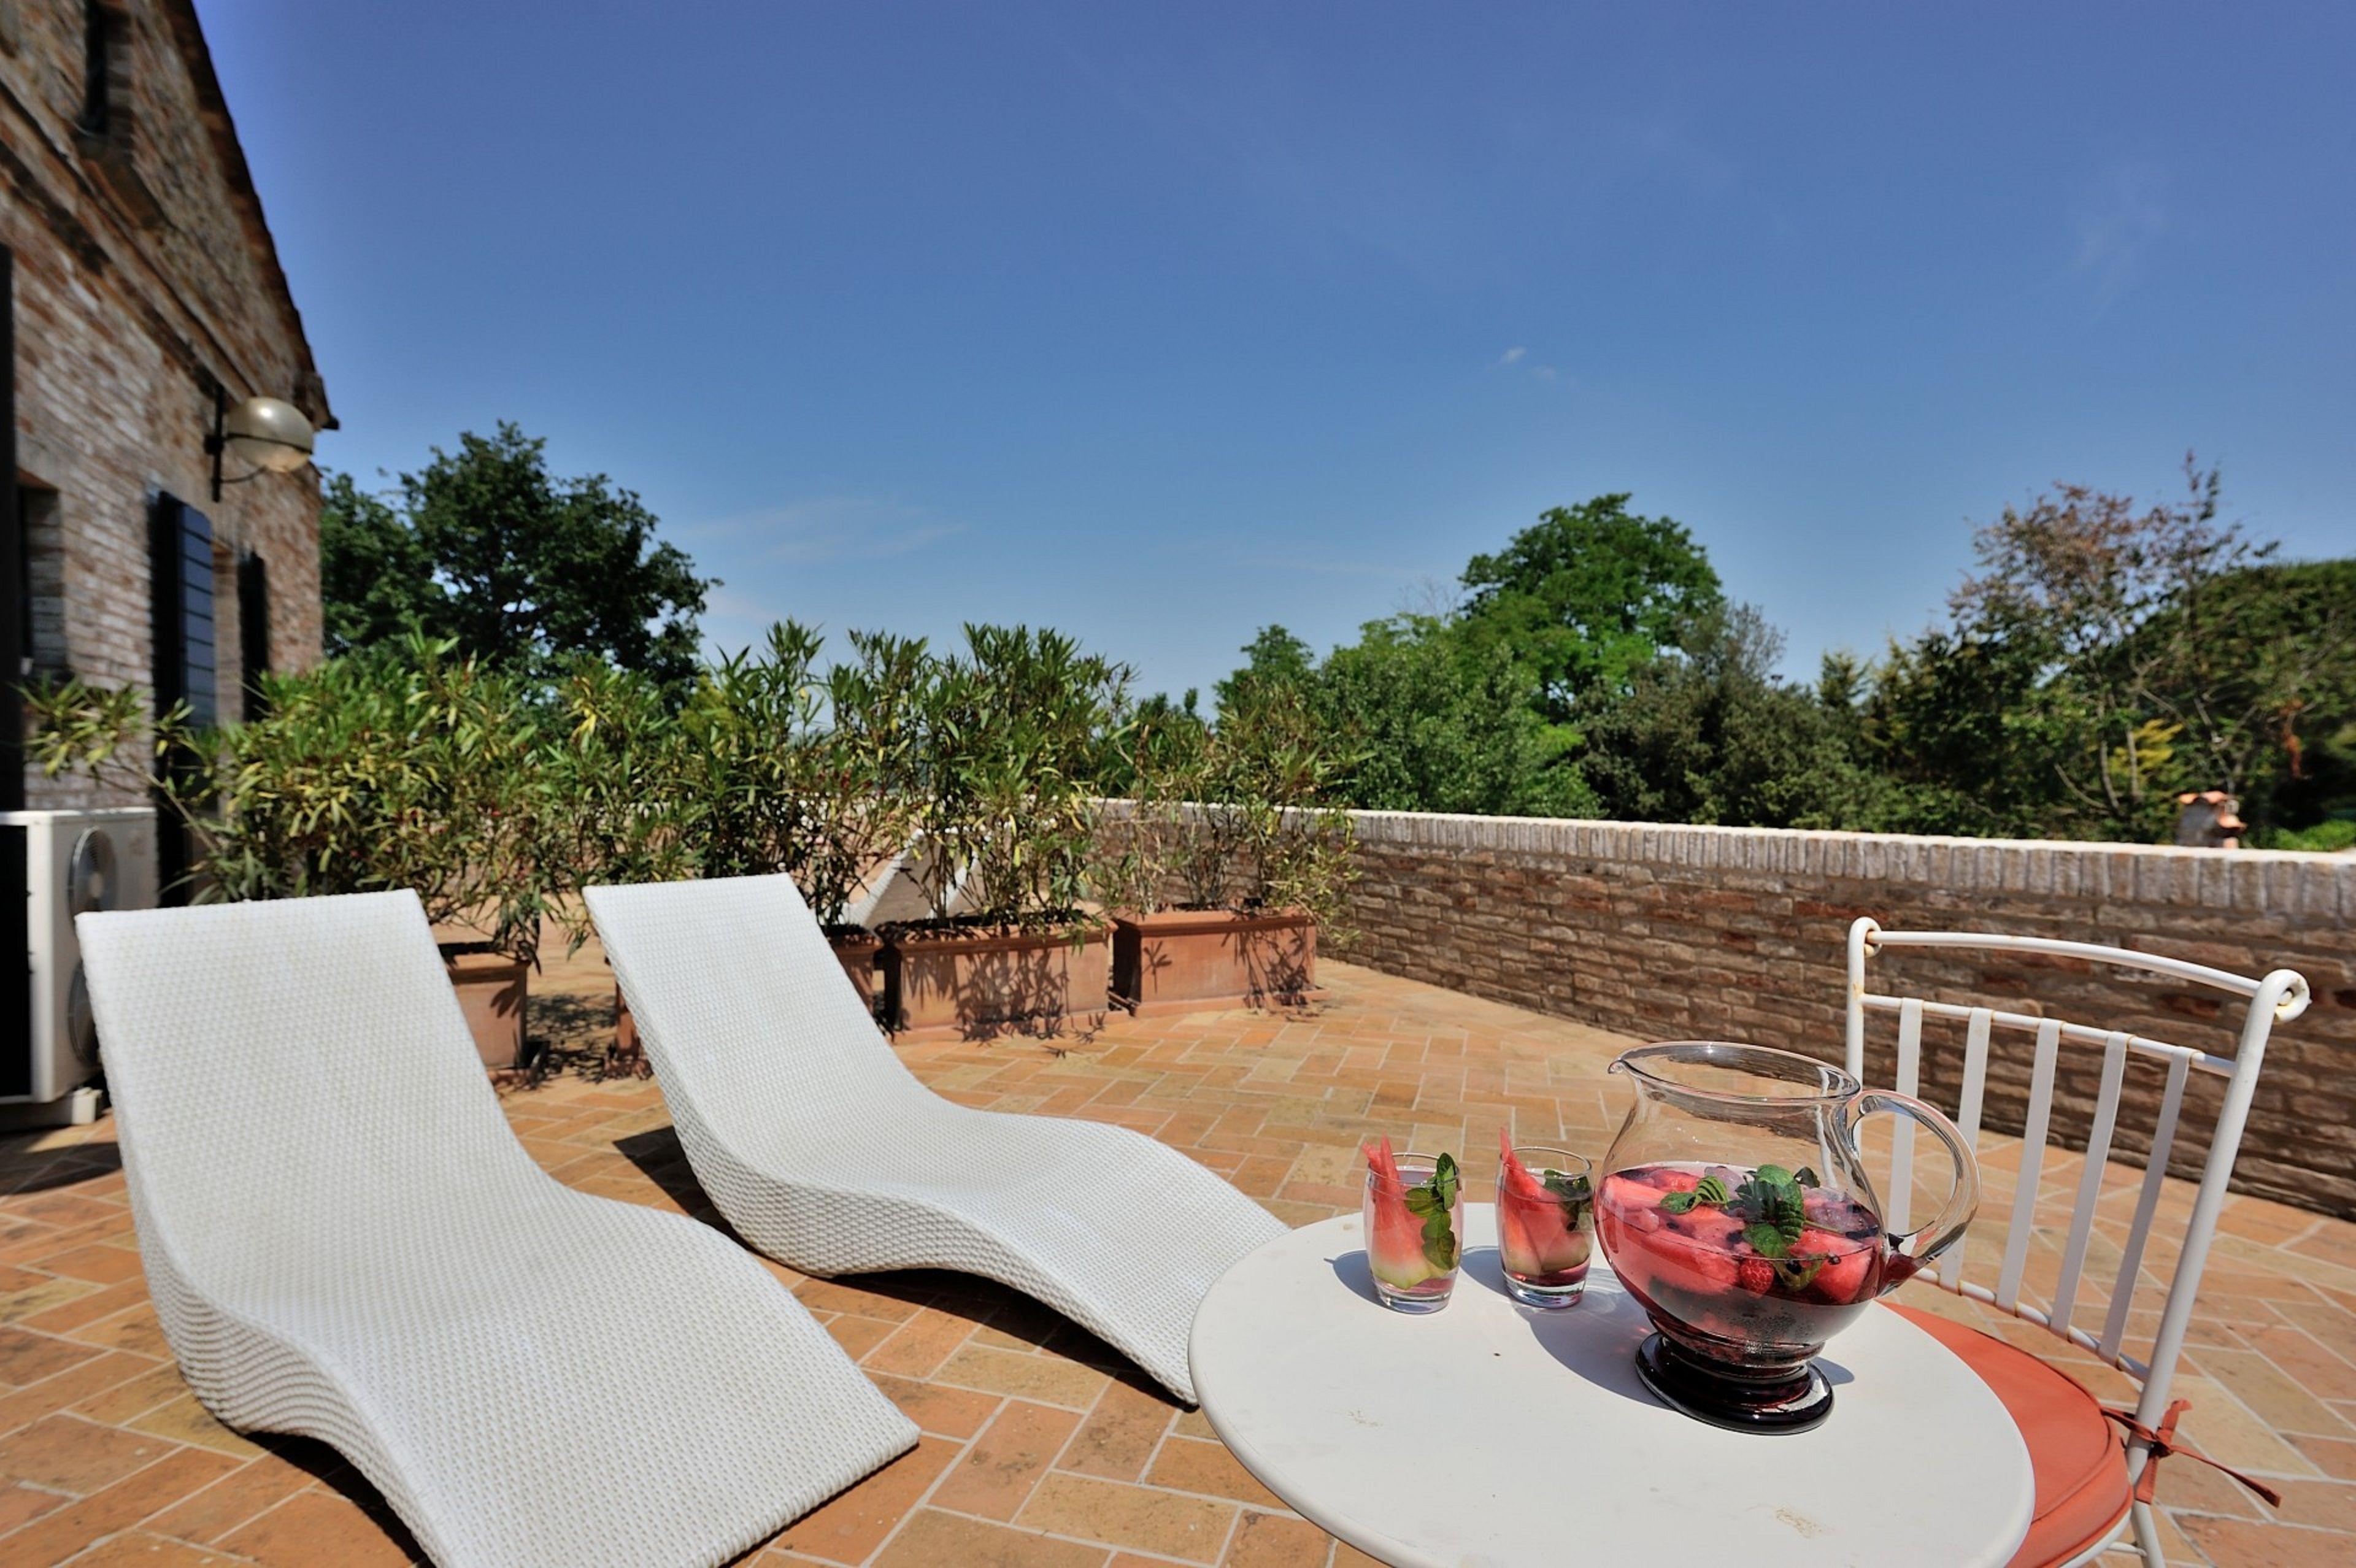 Apartment Tombolina Relais - Villa Tombolina photo 23908651